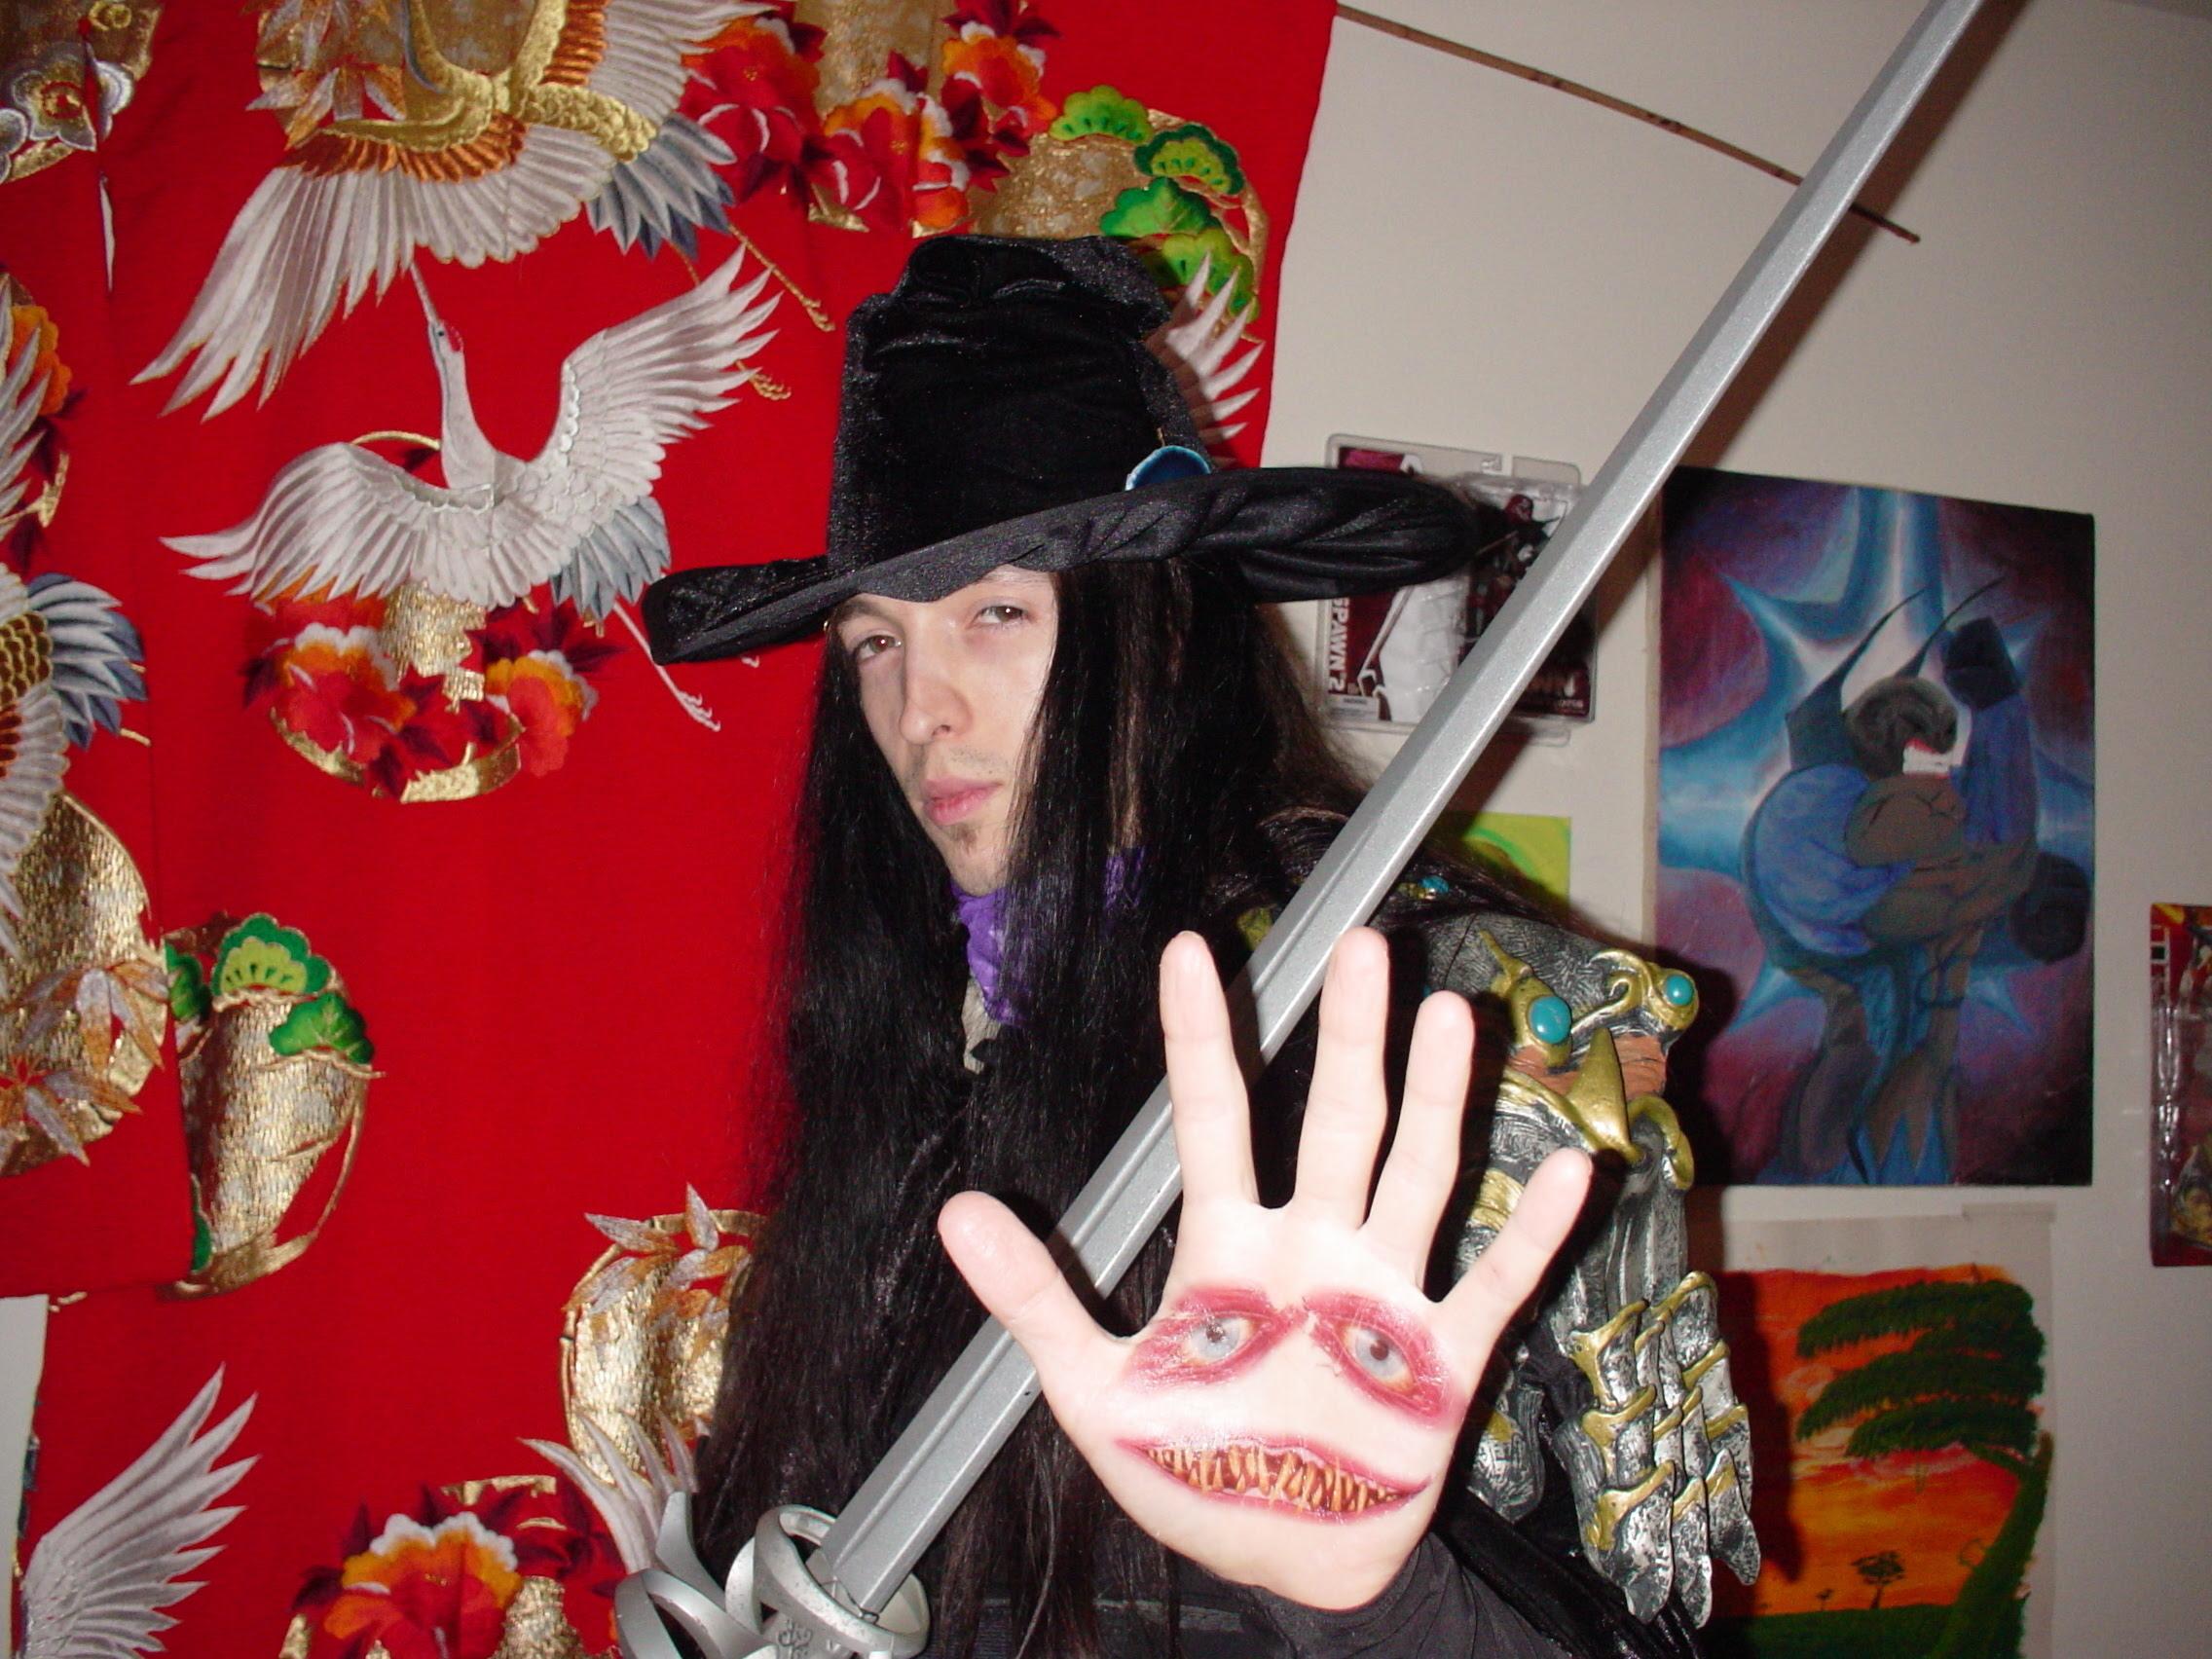 My Vampire Hunter D Vampire Hunter D Photo 7030747 Fanpop